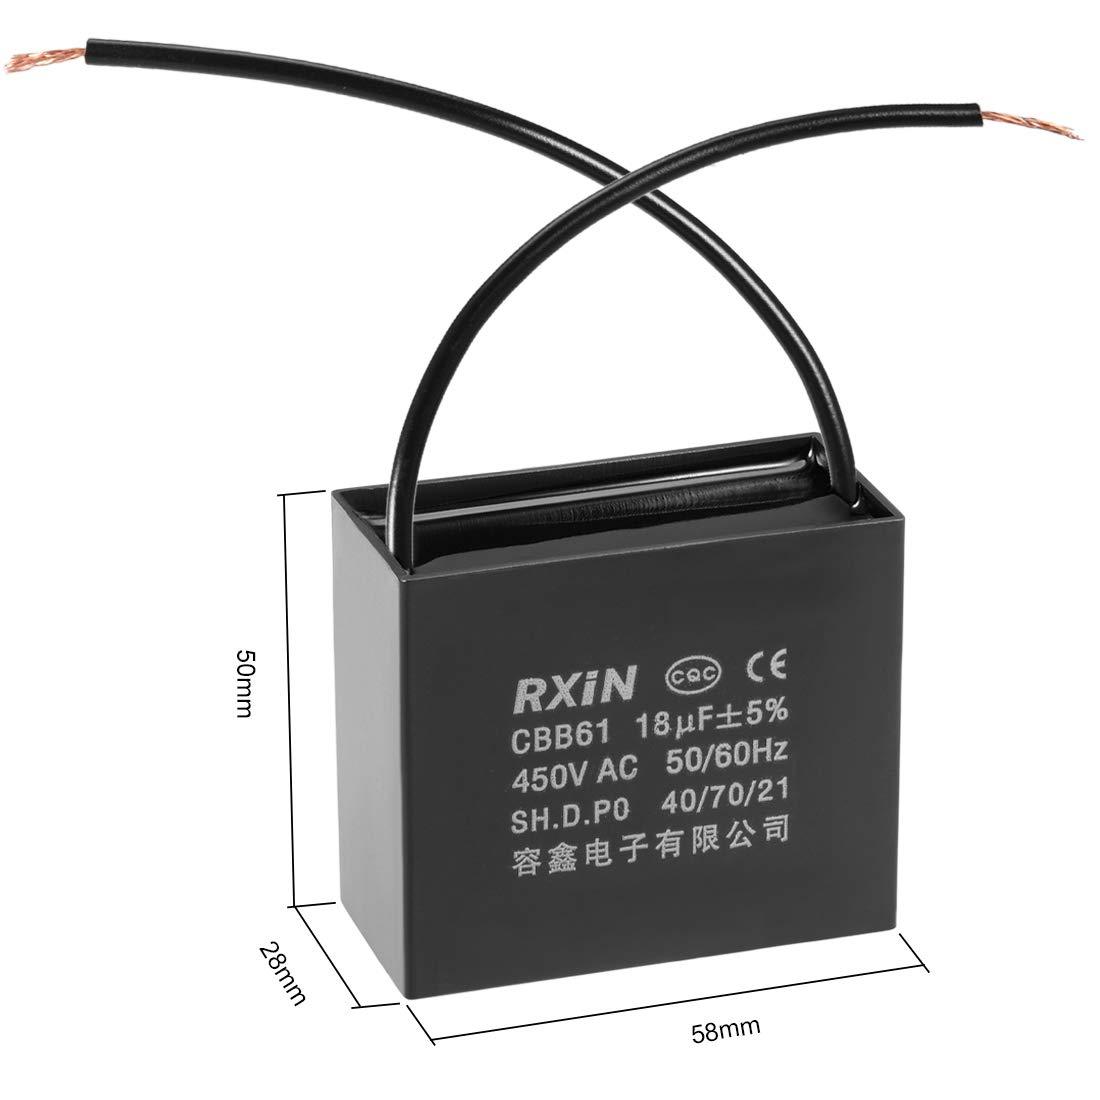 sourcing map Betriebskondensator 450V AC 18 uF Kondensator metallisiertem Polypropylenfilm